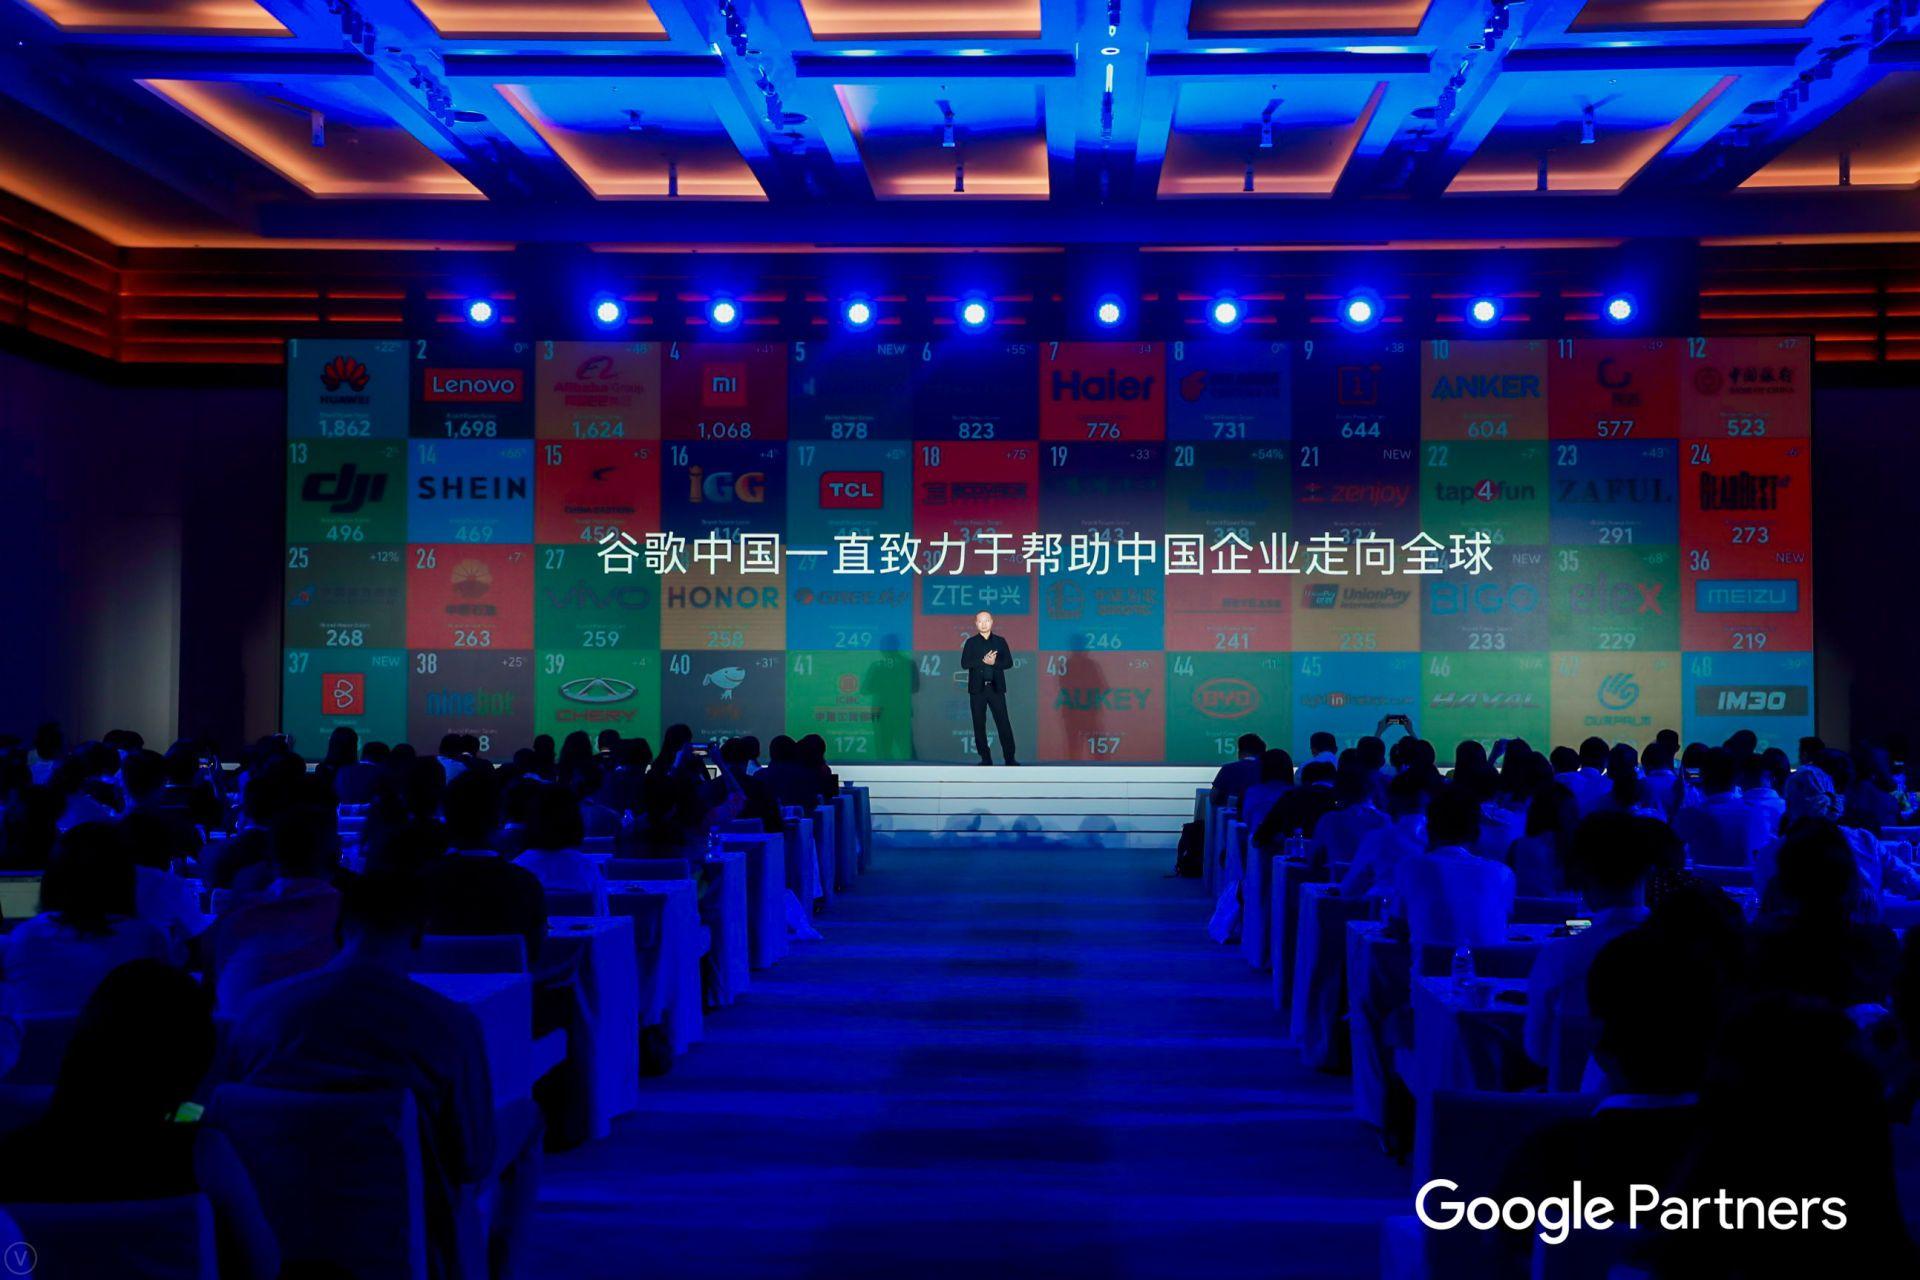 追科技于巅—全球搜受邀出席2019 谷歌大中华区合